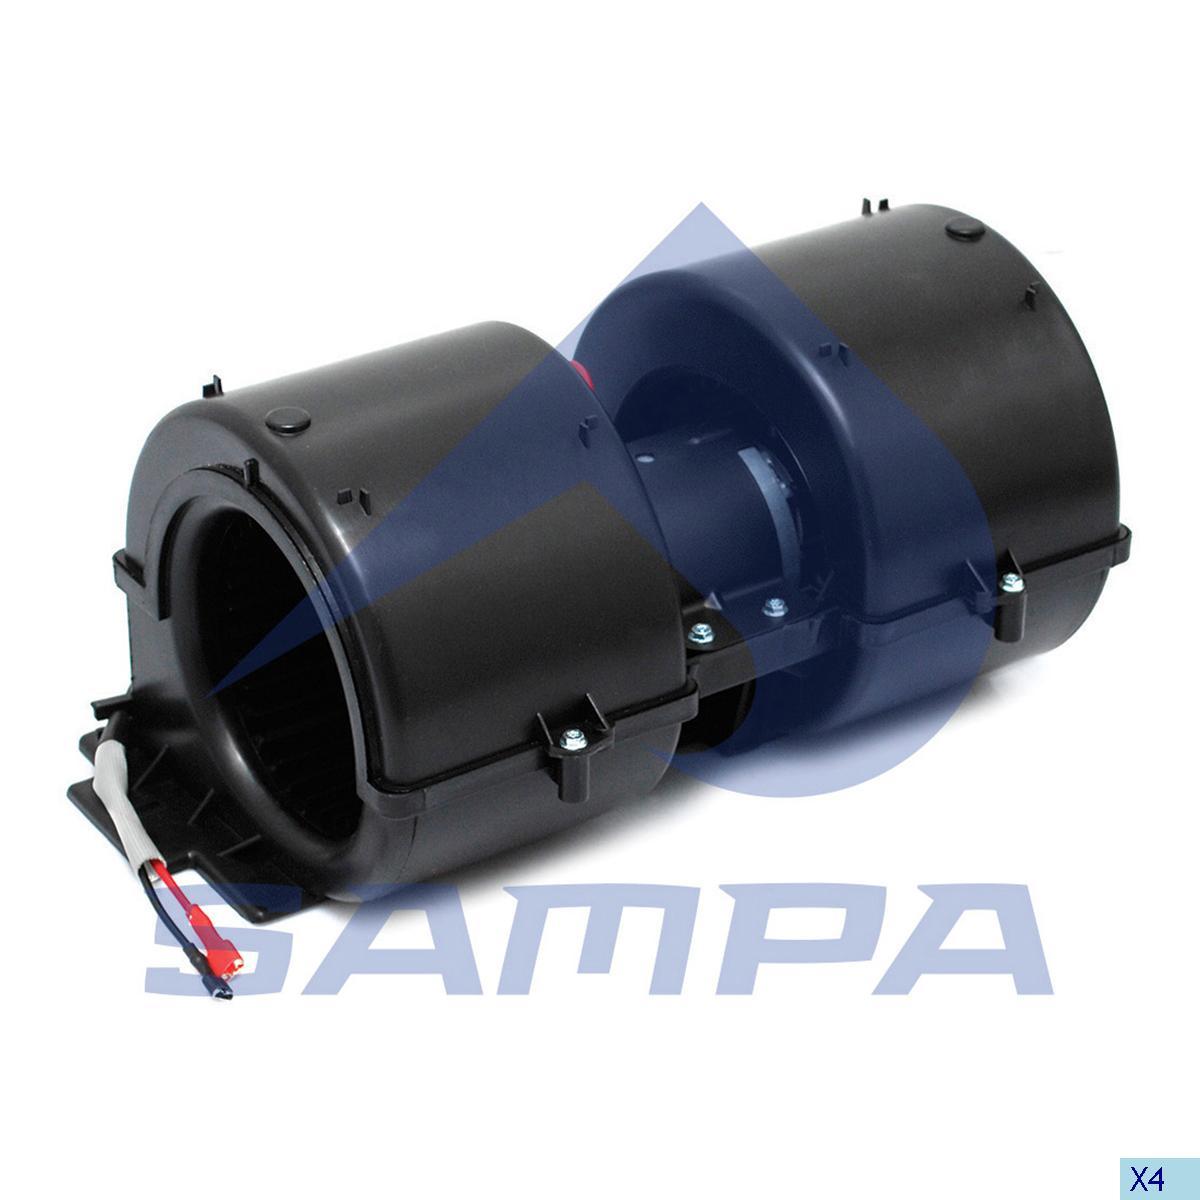 Fan Motor, Cab Heating & Ventilation, Daf, Cab